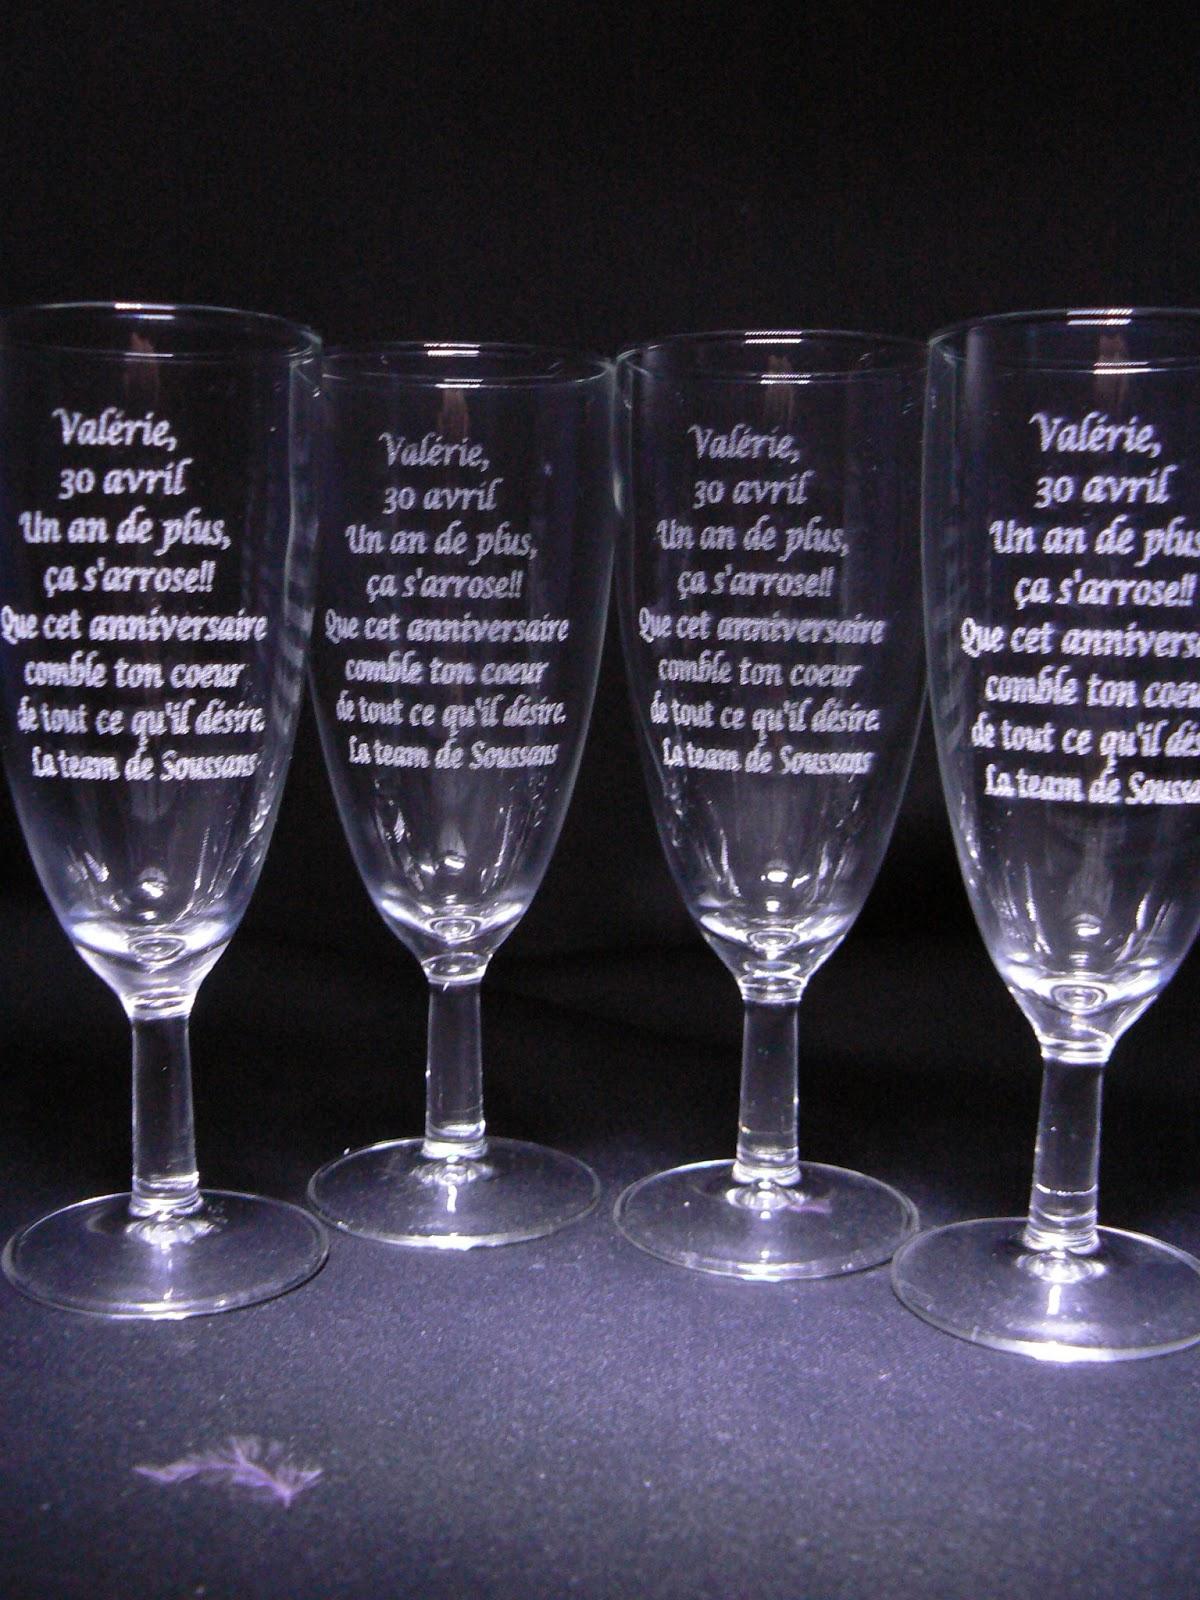 la flute pome grav la flute anniversaire la verre grav dclaration damour nous gravons toutes vos envies contactez nous par mail - Gravure Sur Verre Mariage Bapteme